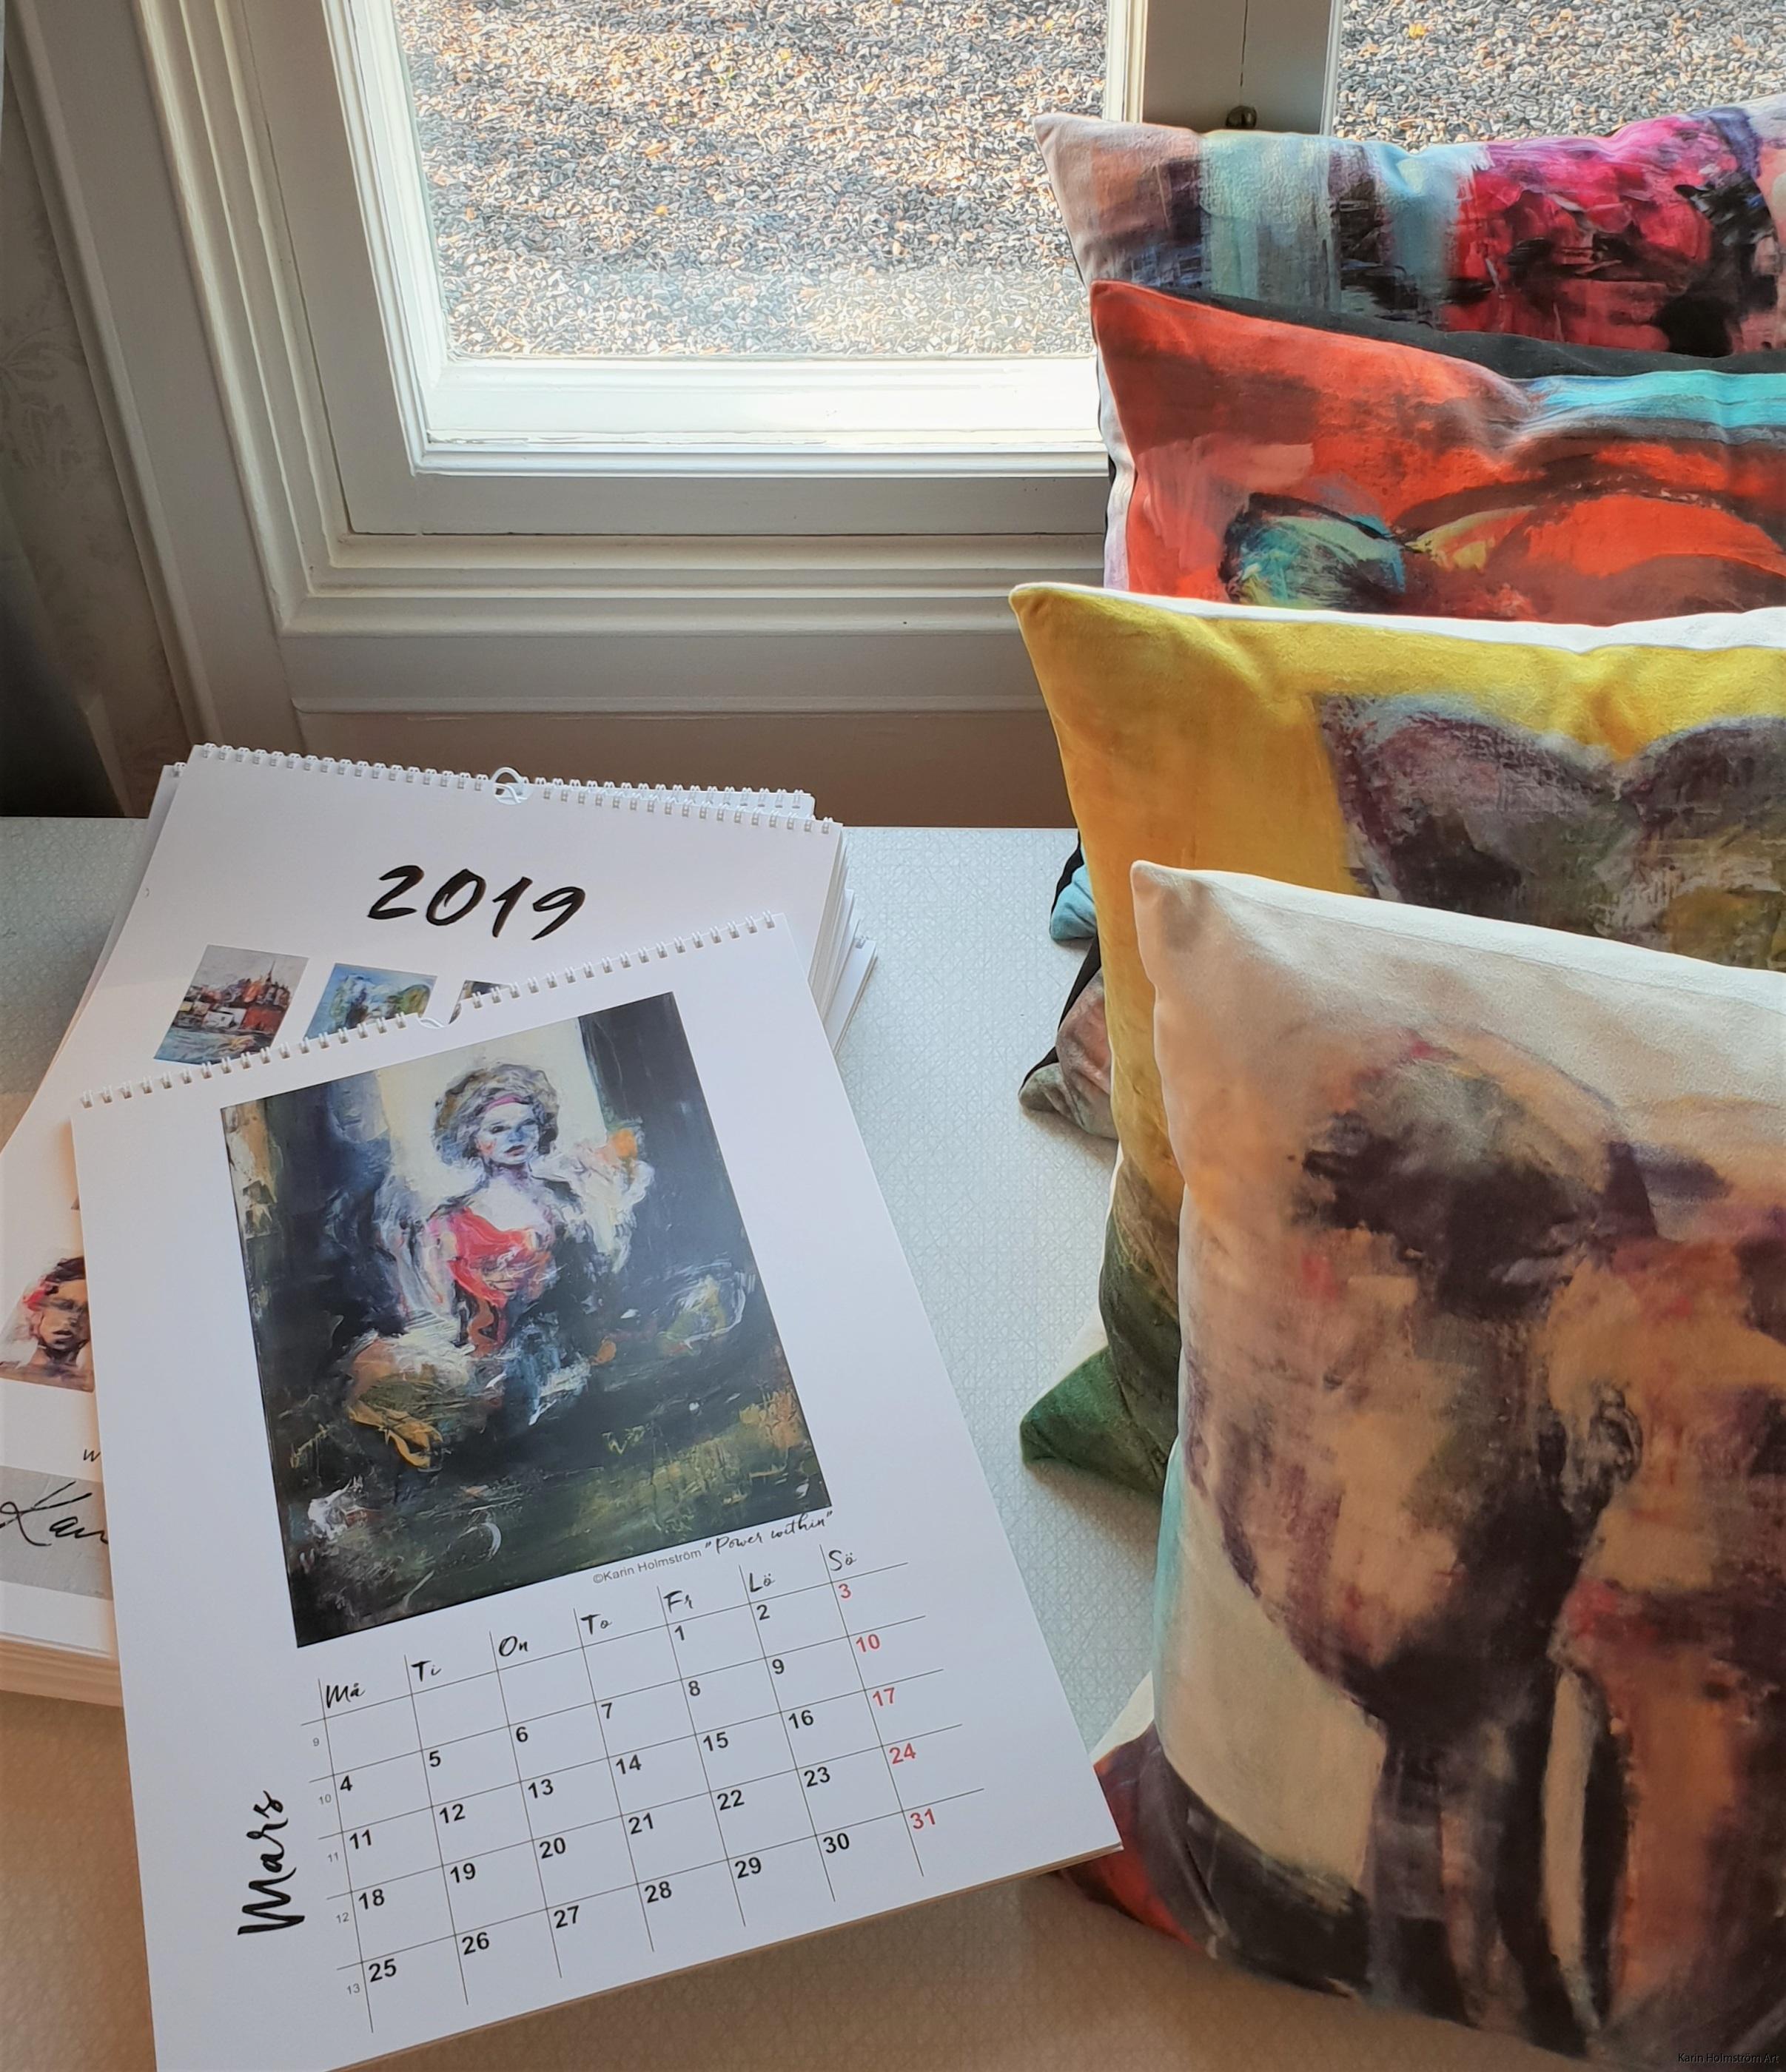 kalendrar och kuddar